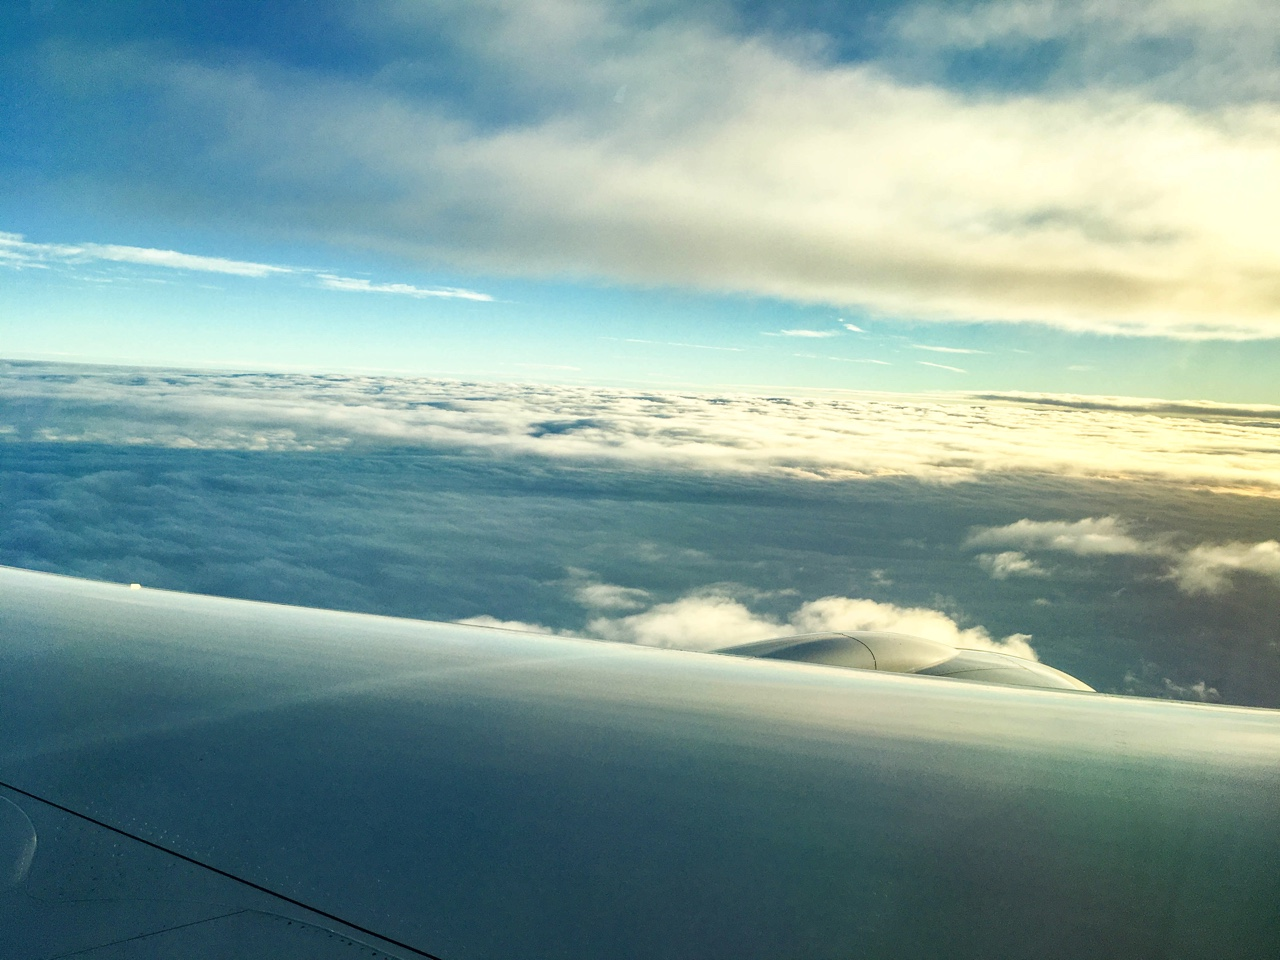 日本から台湾に向かう機内からの風景